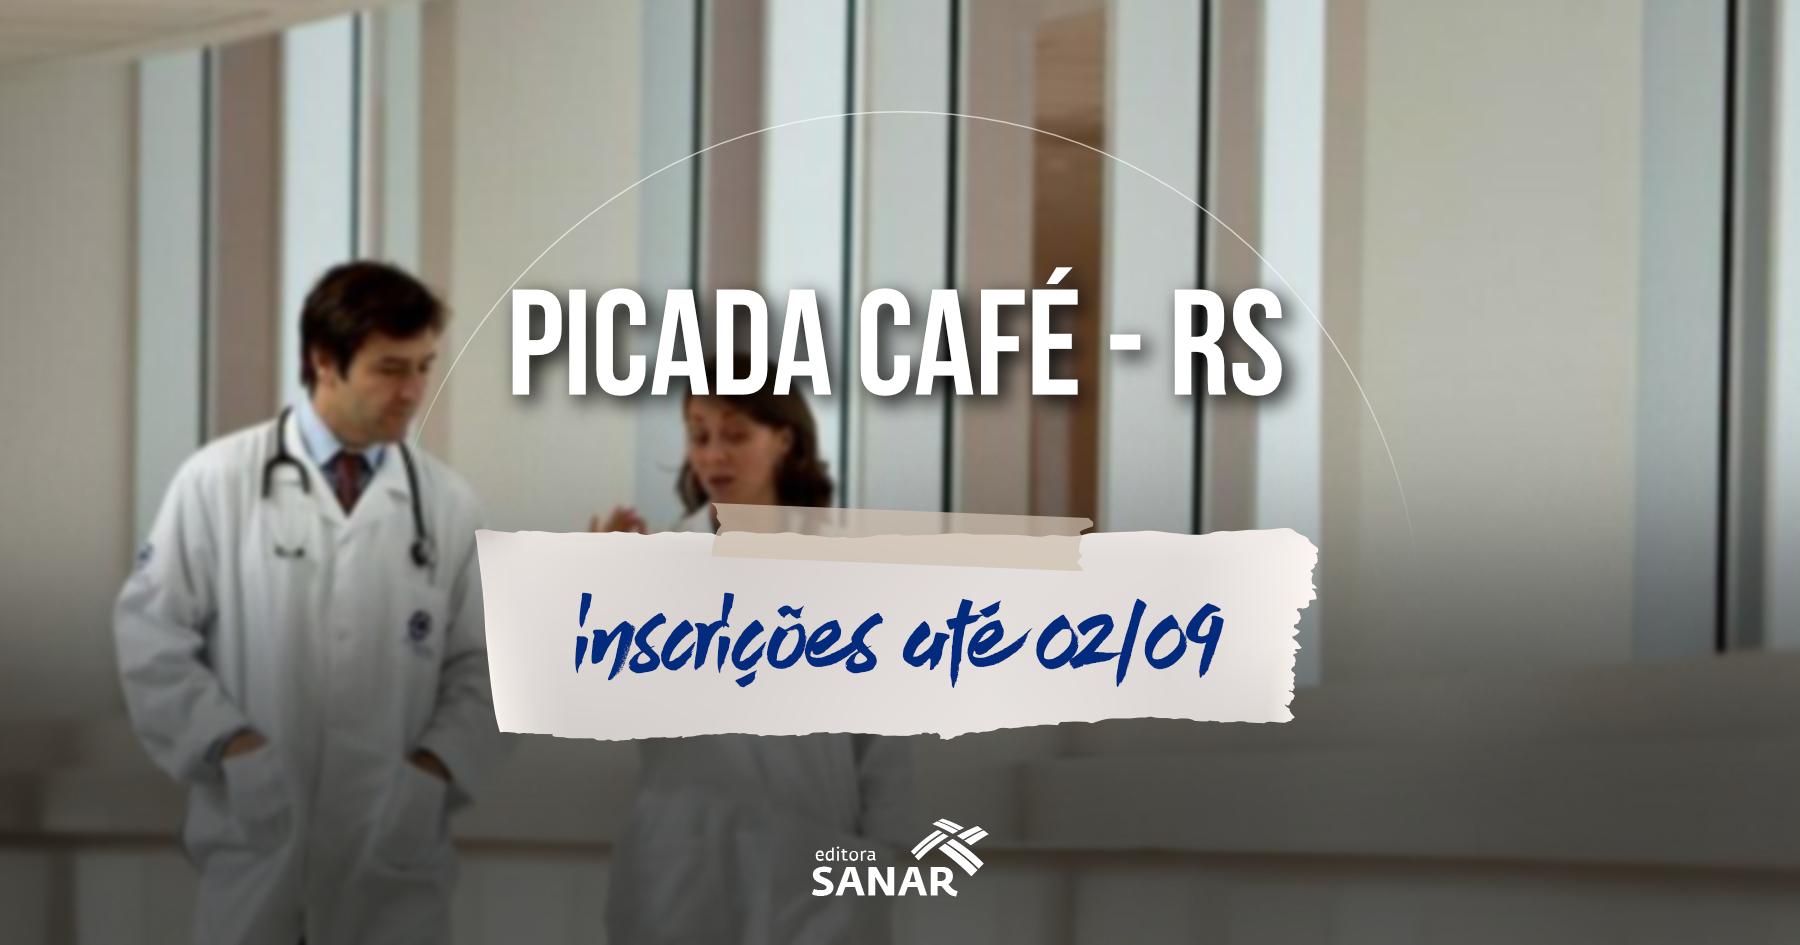 Concurso | Picada Café (RS) seleciona médicos e dentistas